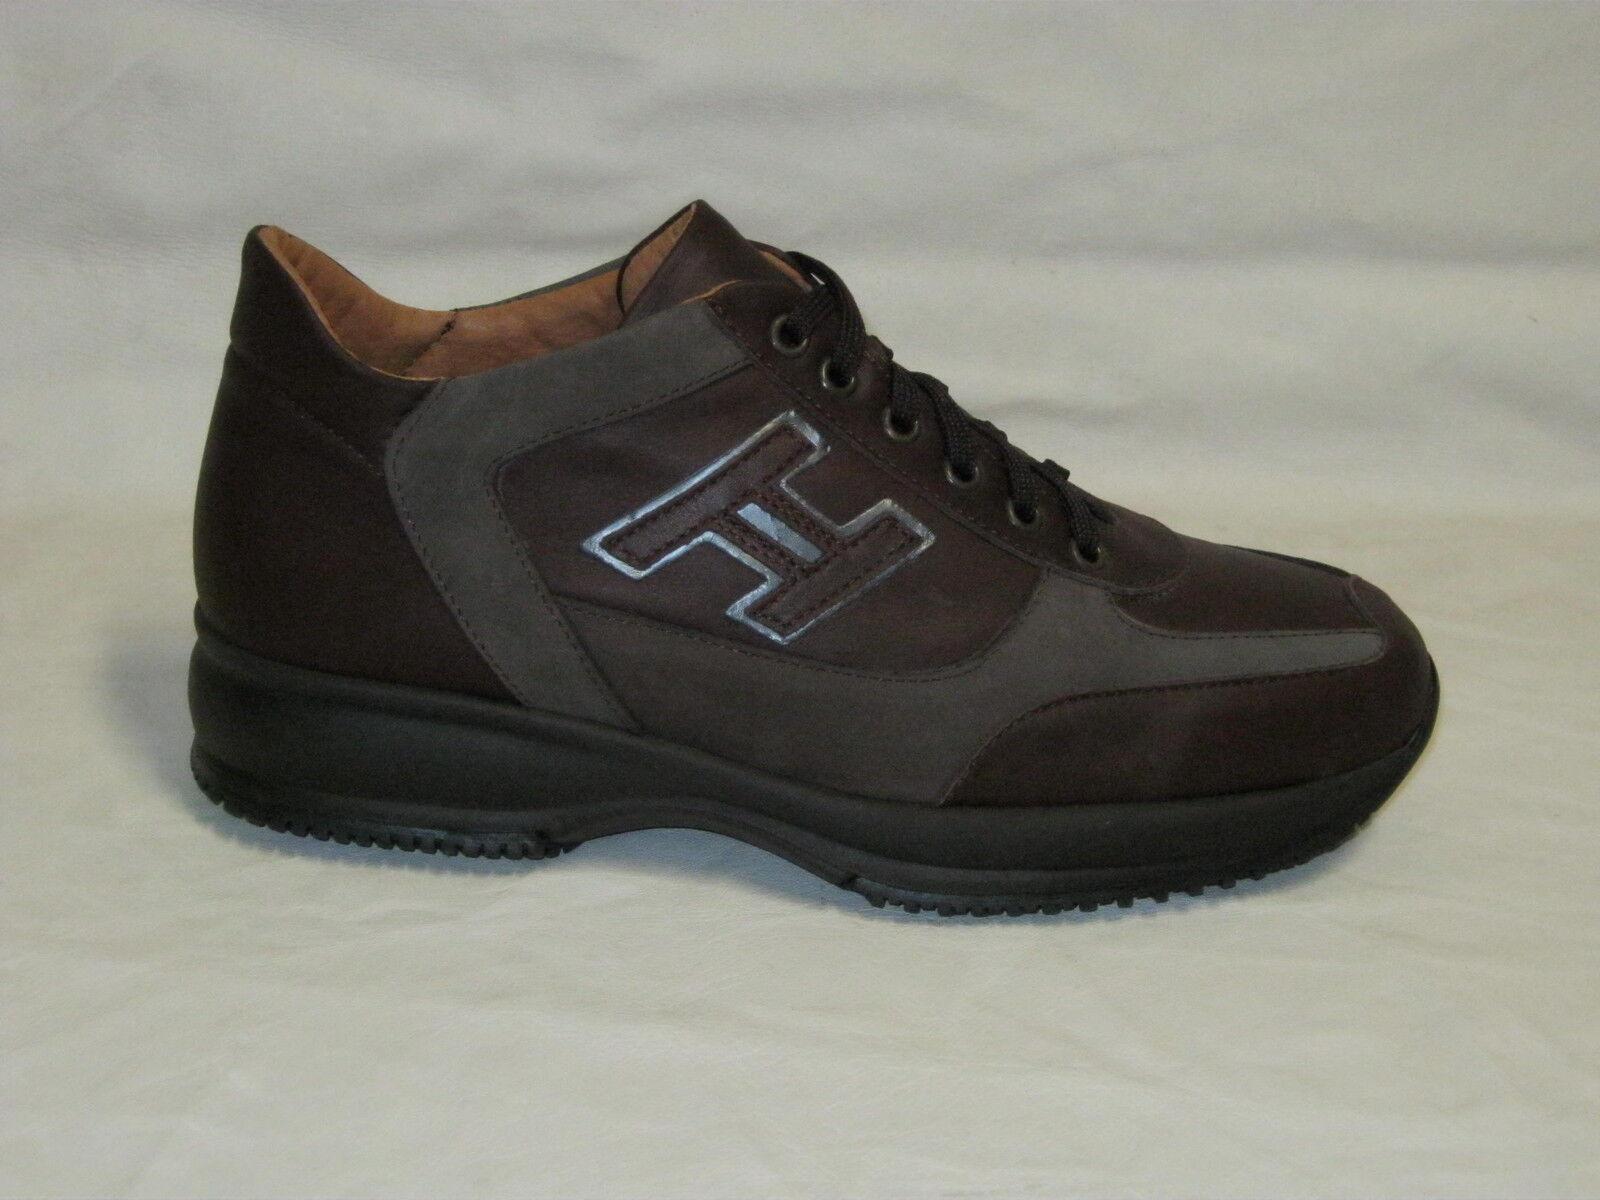 Saldi sneakers in pelle di vitello e nabuk col. brown scuro N°35-36-37-45